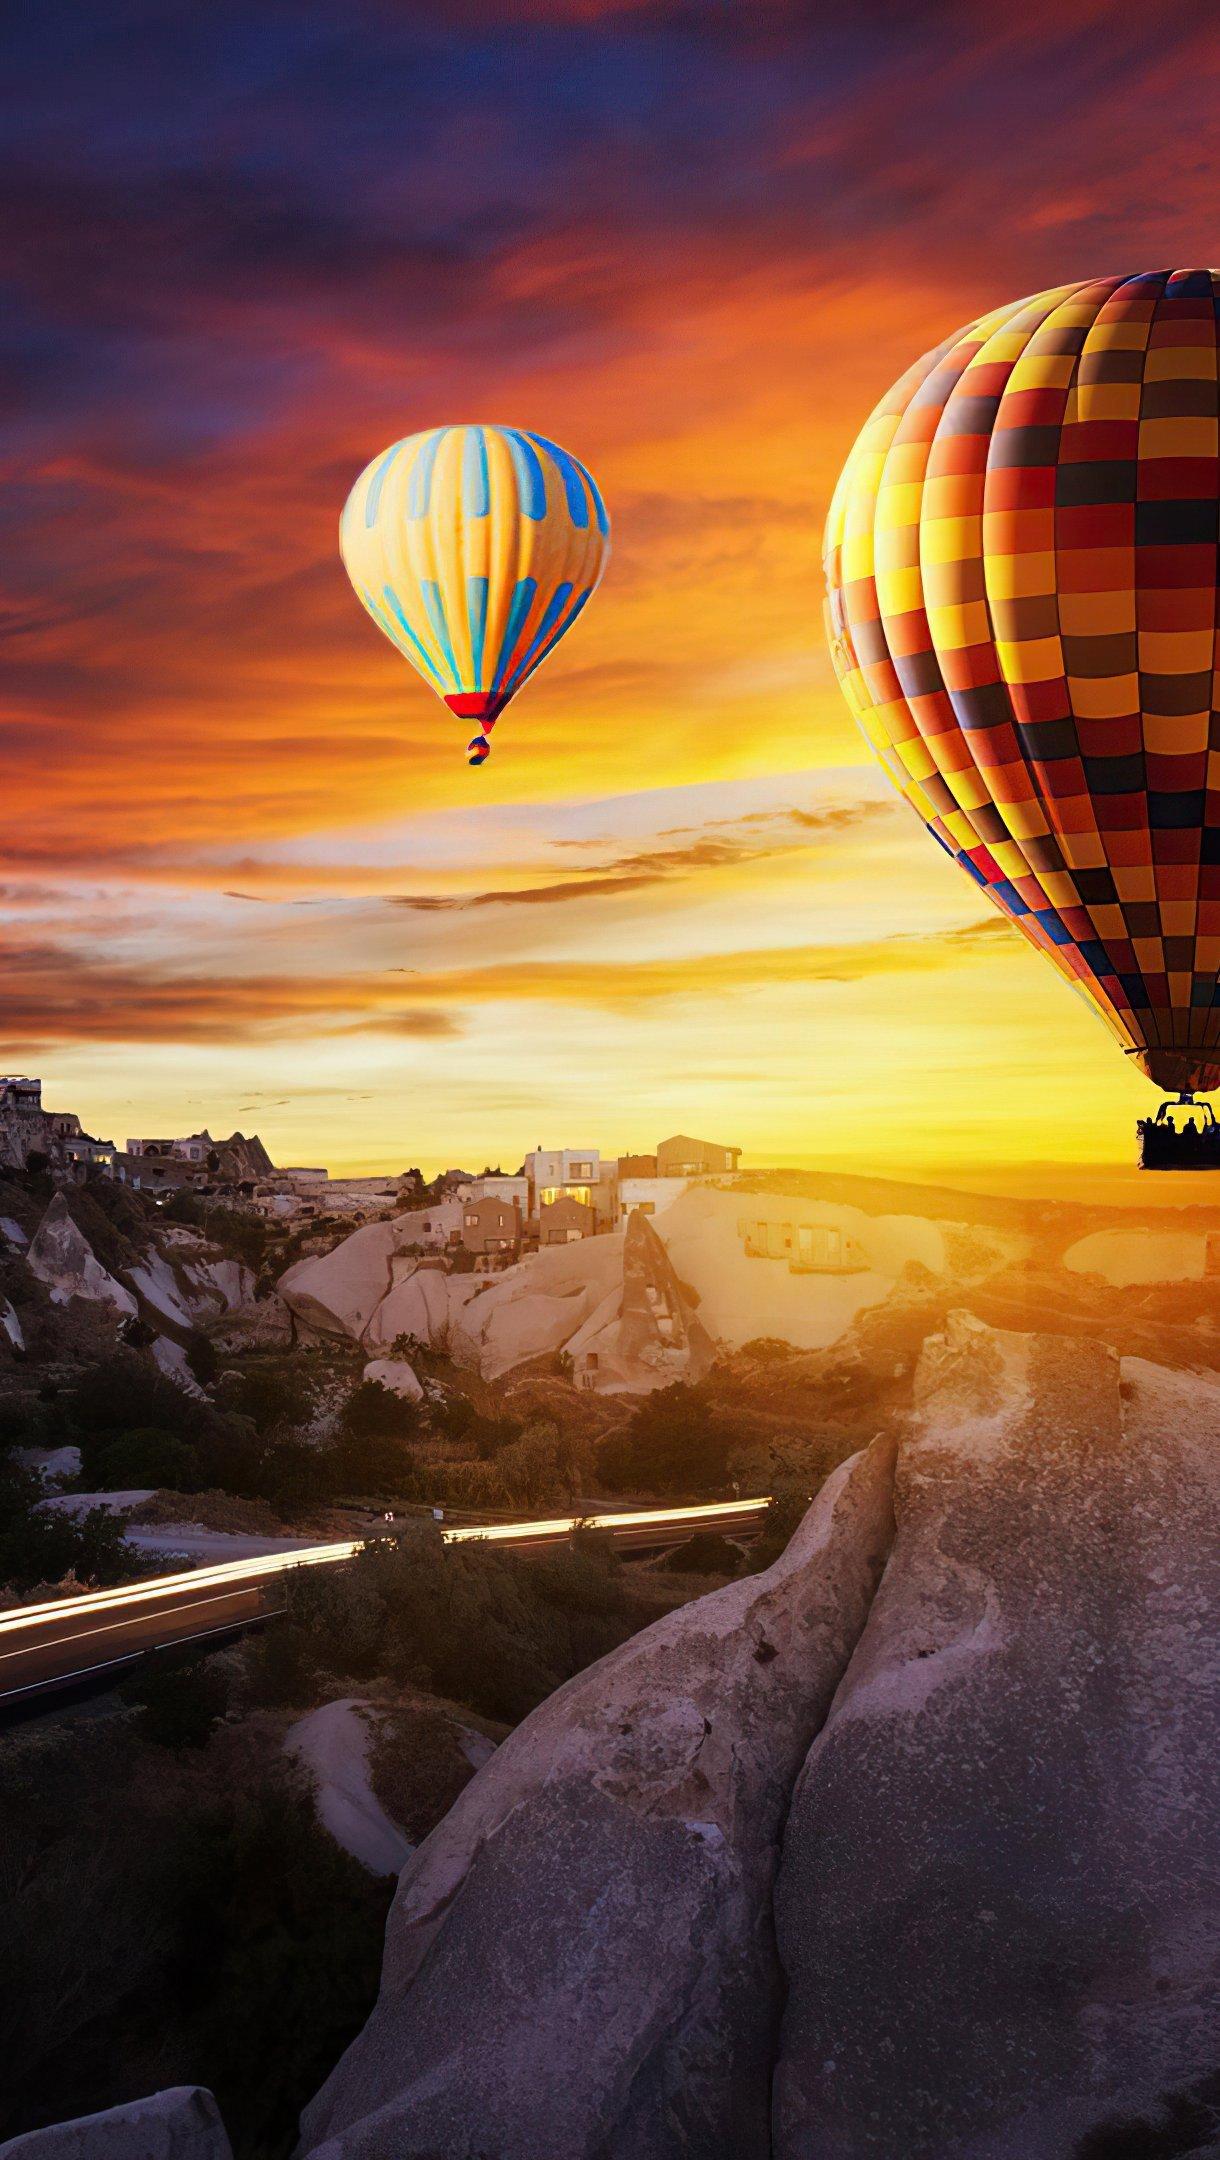 Wallpaper Hot air ballons over Goreme Vertical